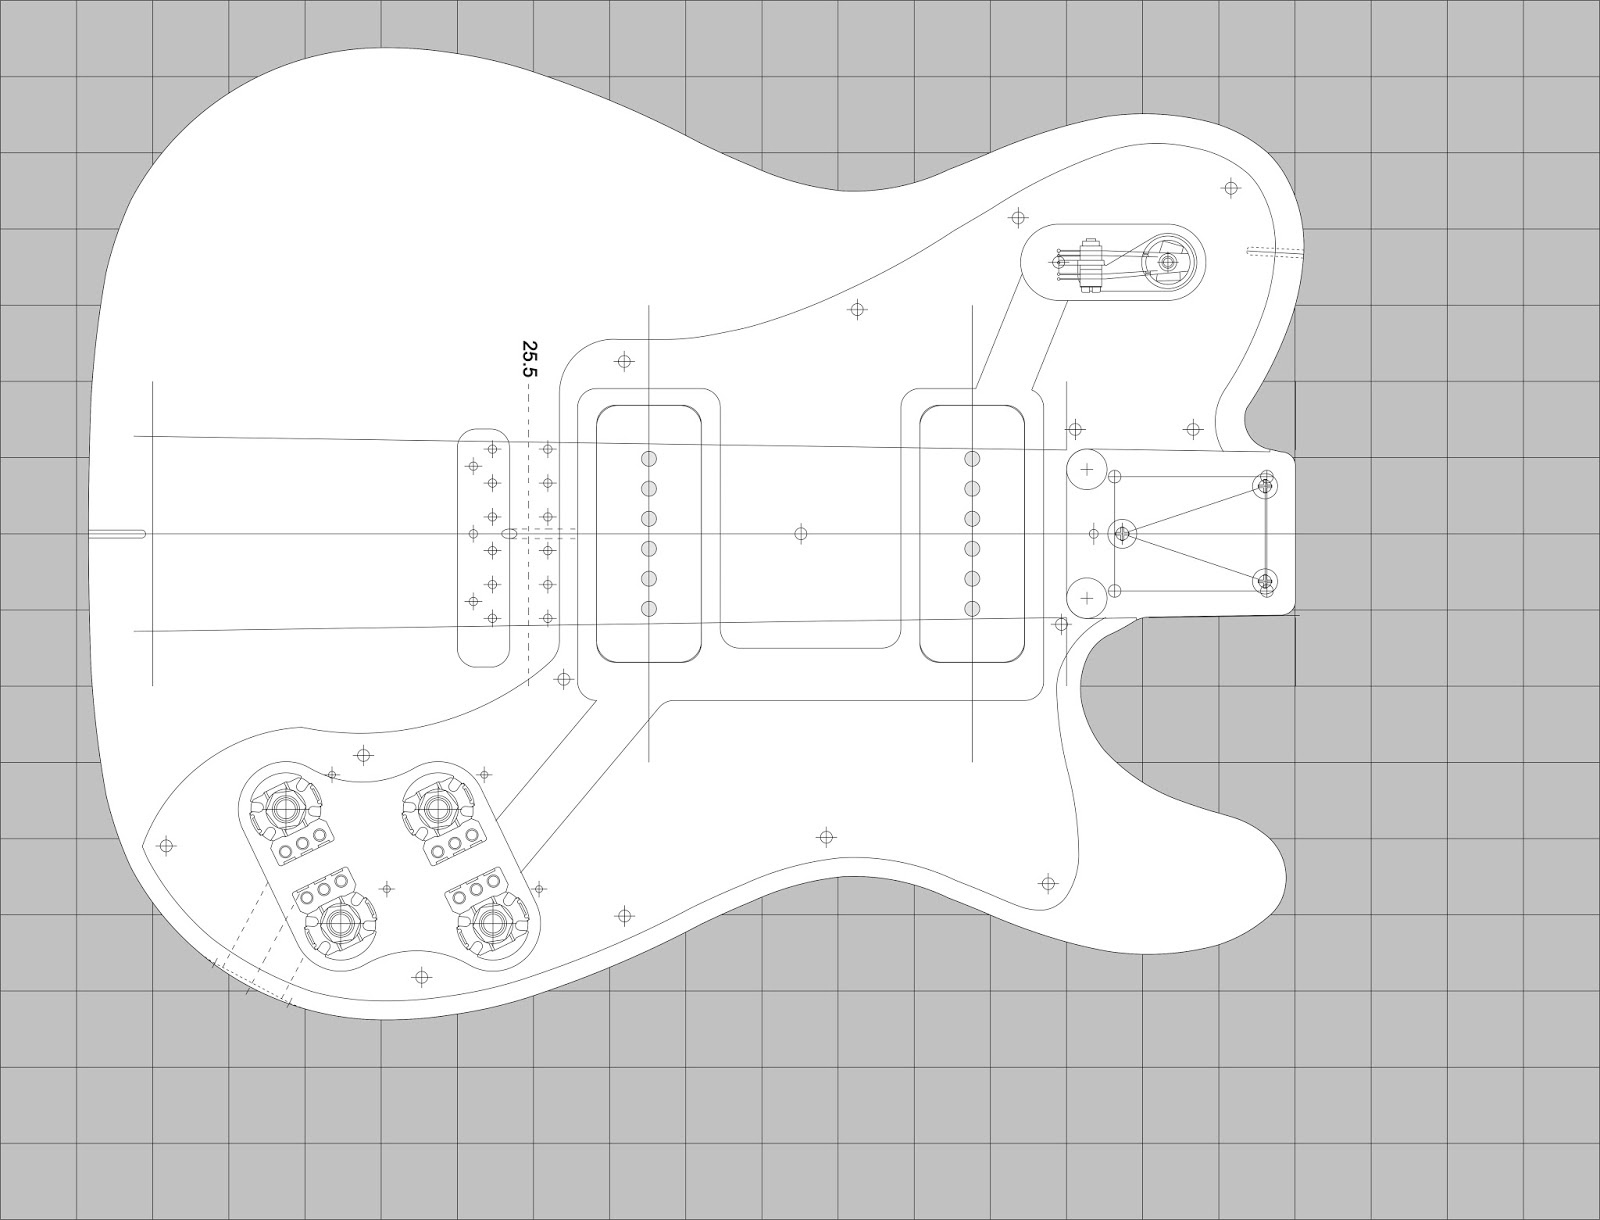 customizing project templates - build guitar